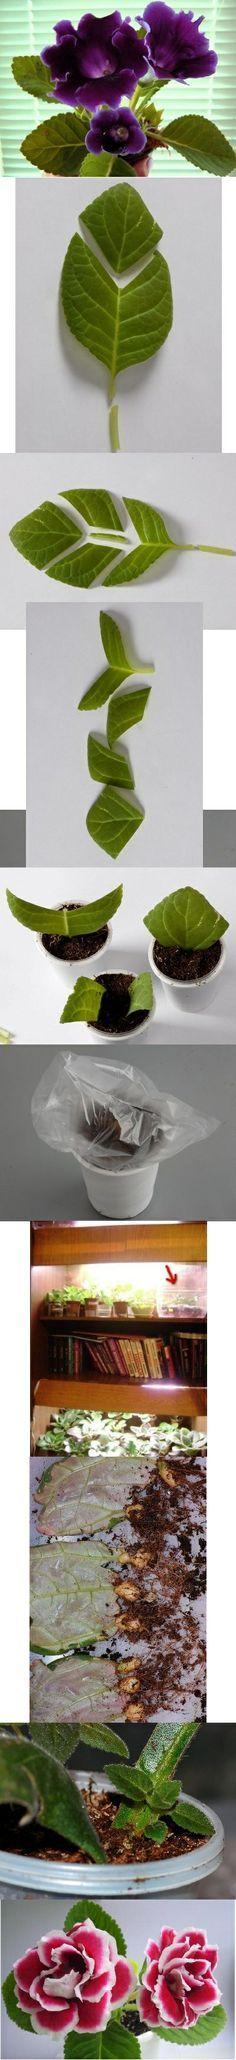 Gloxinia, reprodução e cuidados. Dê uma folha de uma planta, cortada em fragmentos, cada fragmento preparamos substrato naturalmente fazer os buracos copo para drenagem, colocar em um copo menor de água pingando. Para estufas pode levar o bolo de embalagem, caixa de plástico, ou apenas um saco. Gloxinia não muito exigentes, necessitam o máximo de luz, calor e umidade. Os três componentes que darão resultado. Cerca de um mês, esperar o enraizamento. Enraizado mudas, podem plantar.